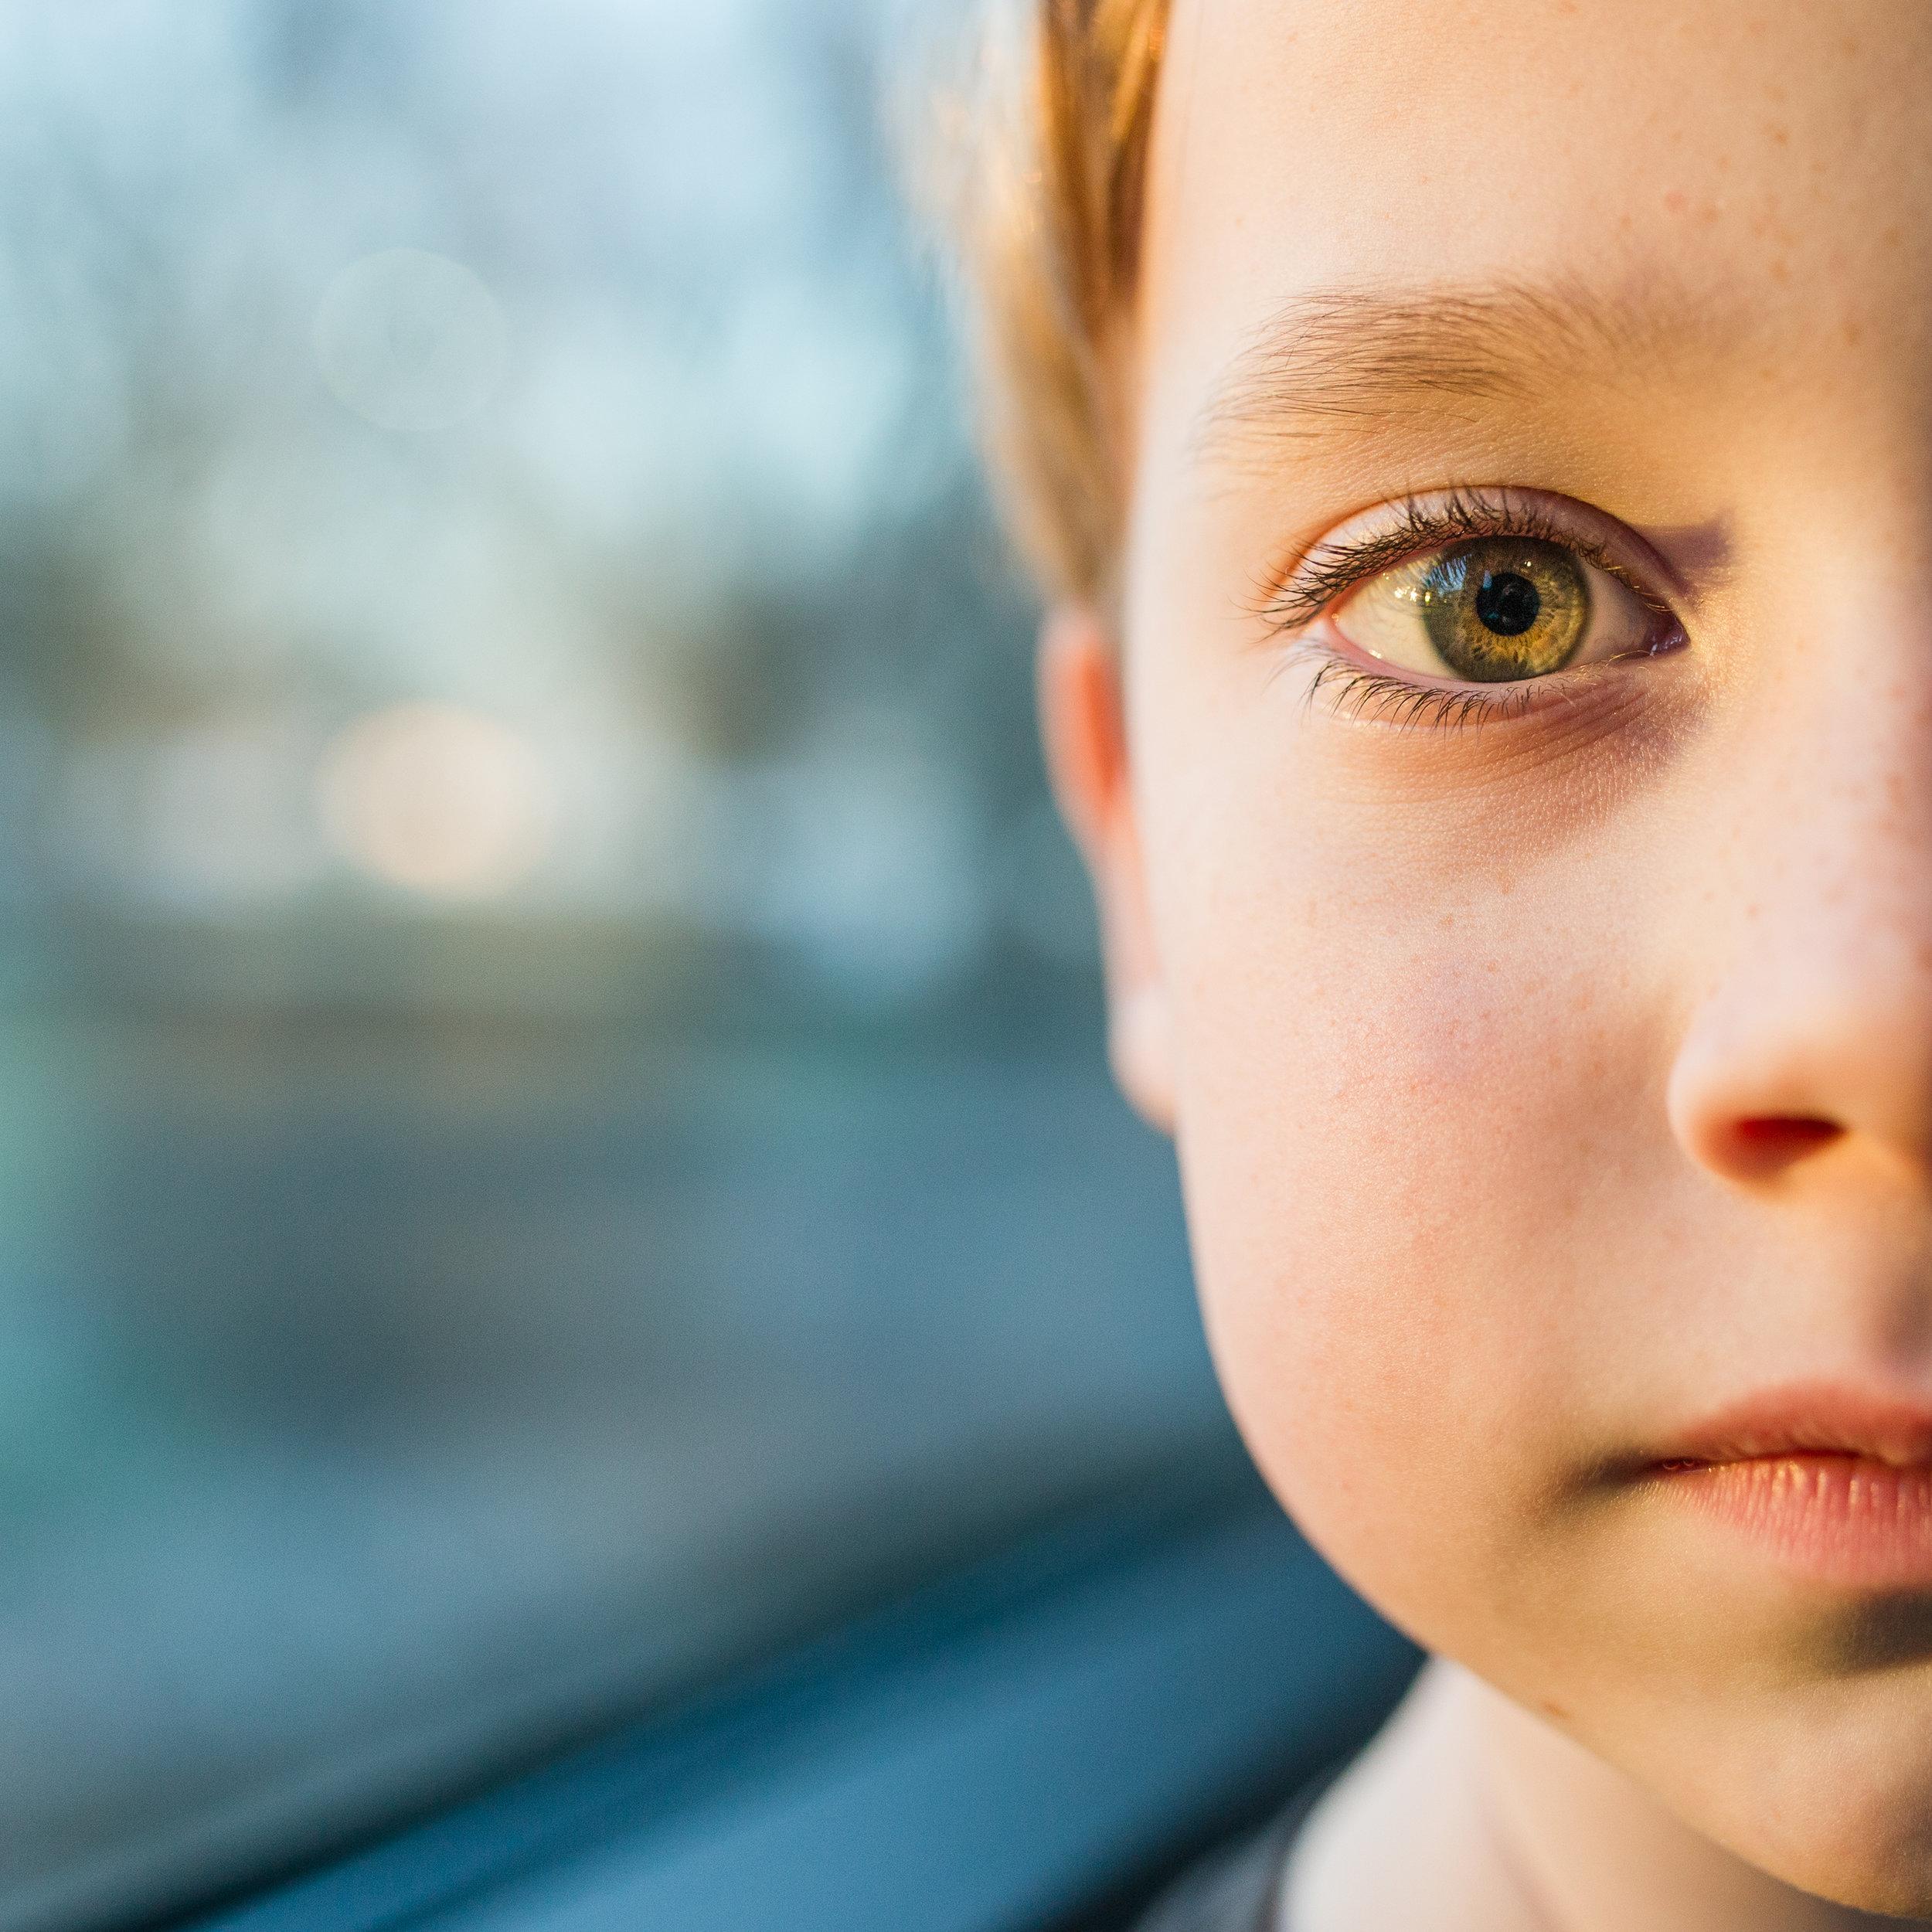 Will Eyes-0343.jpg